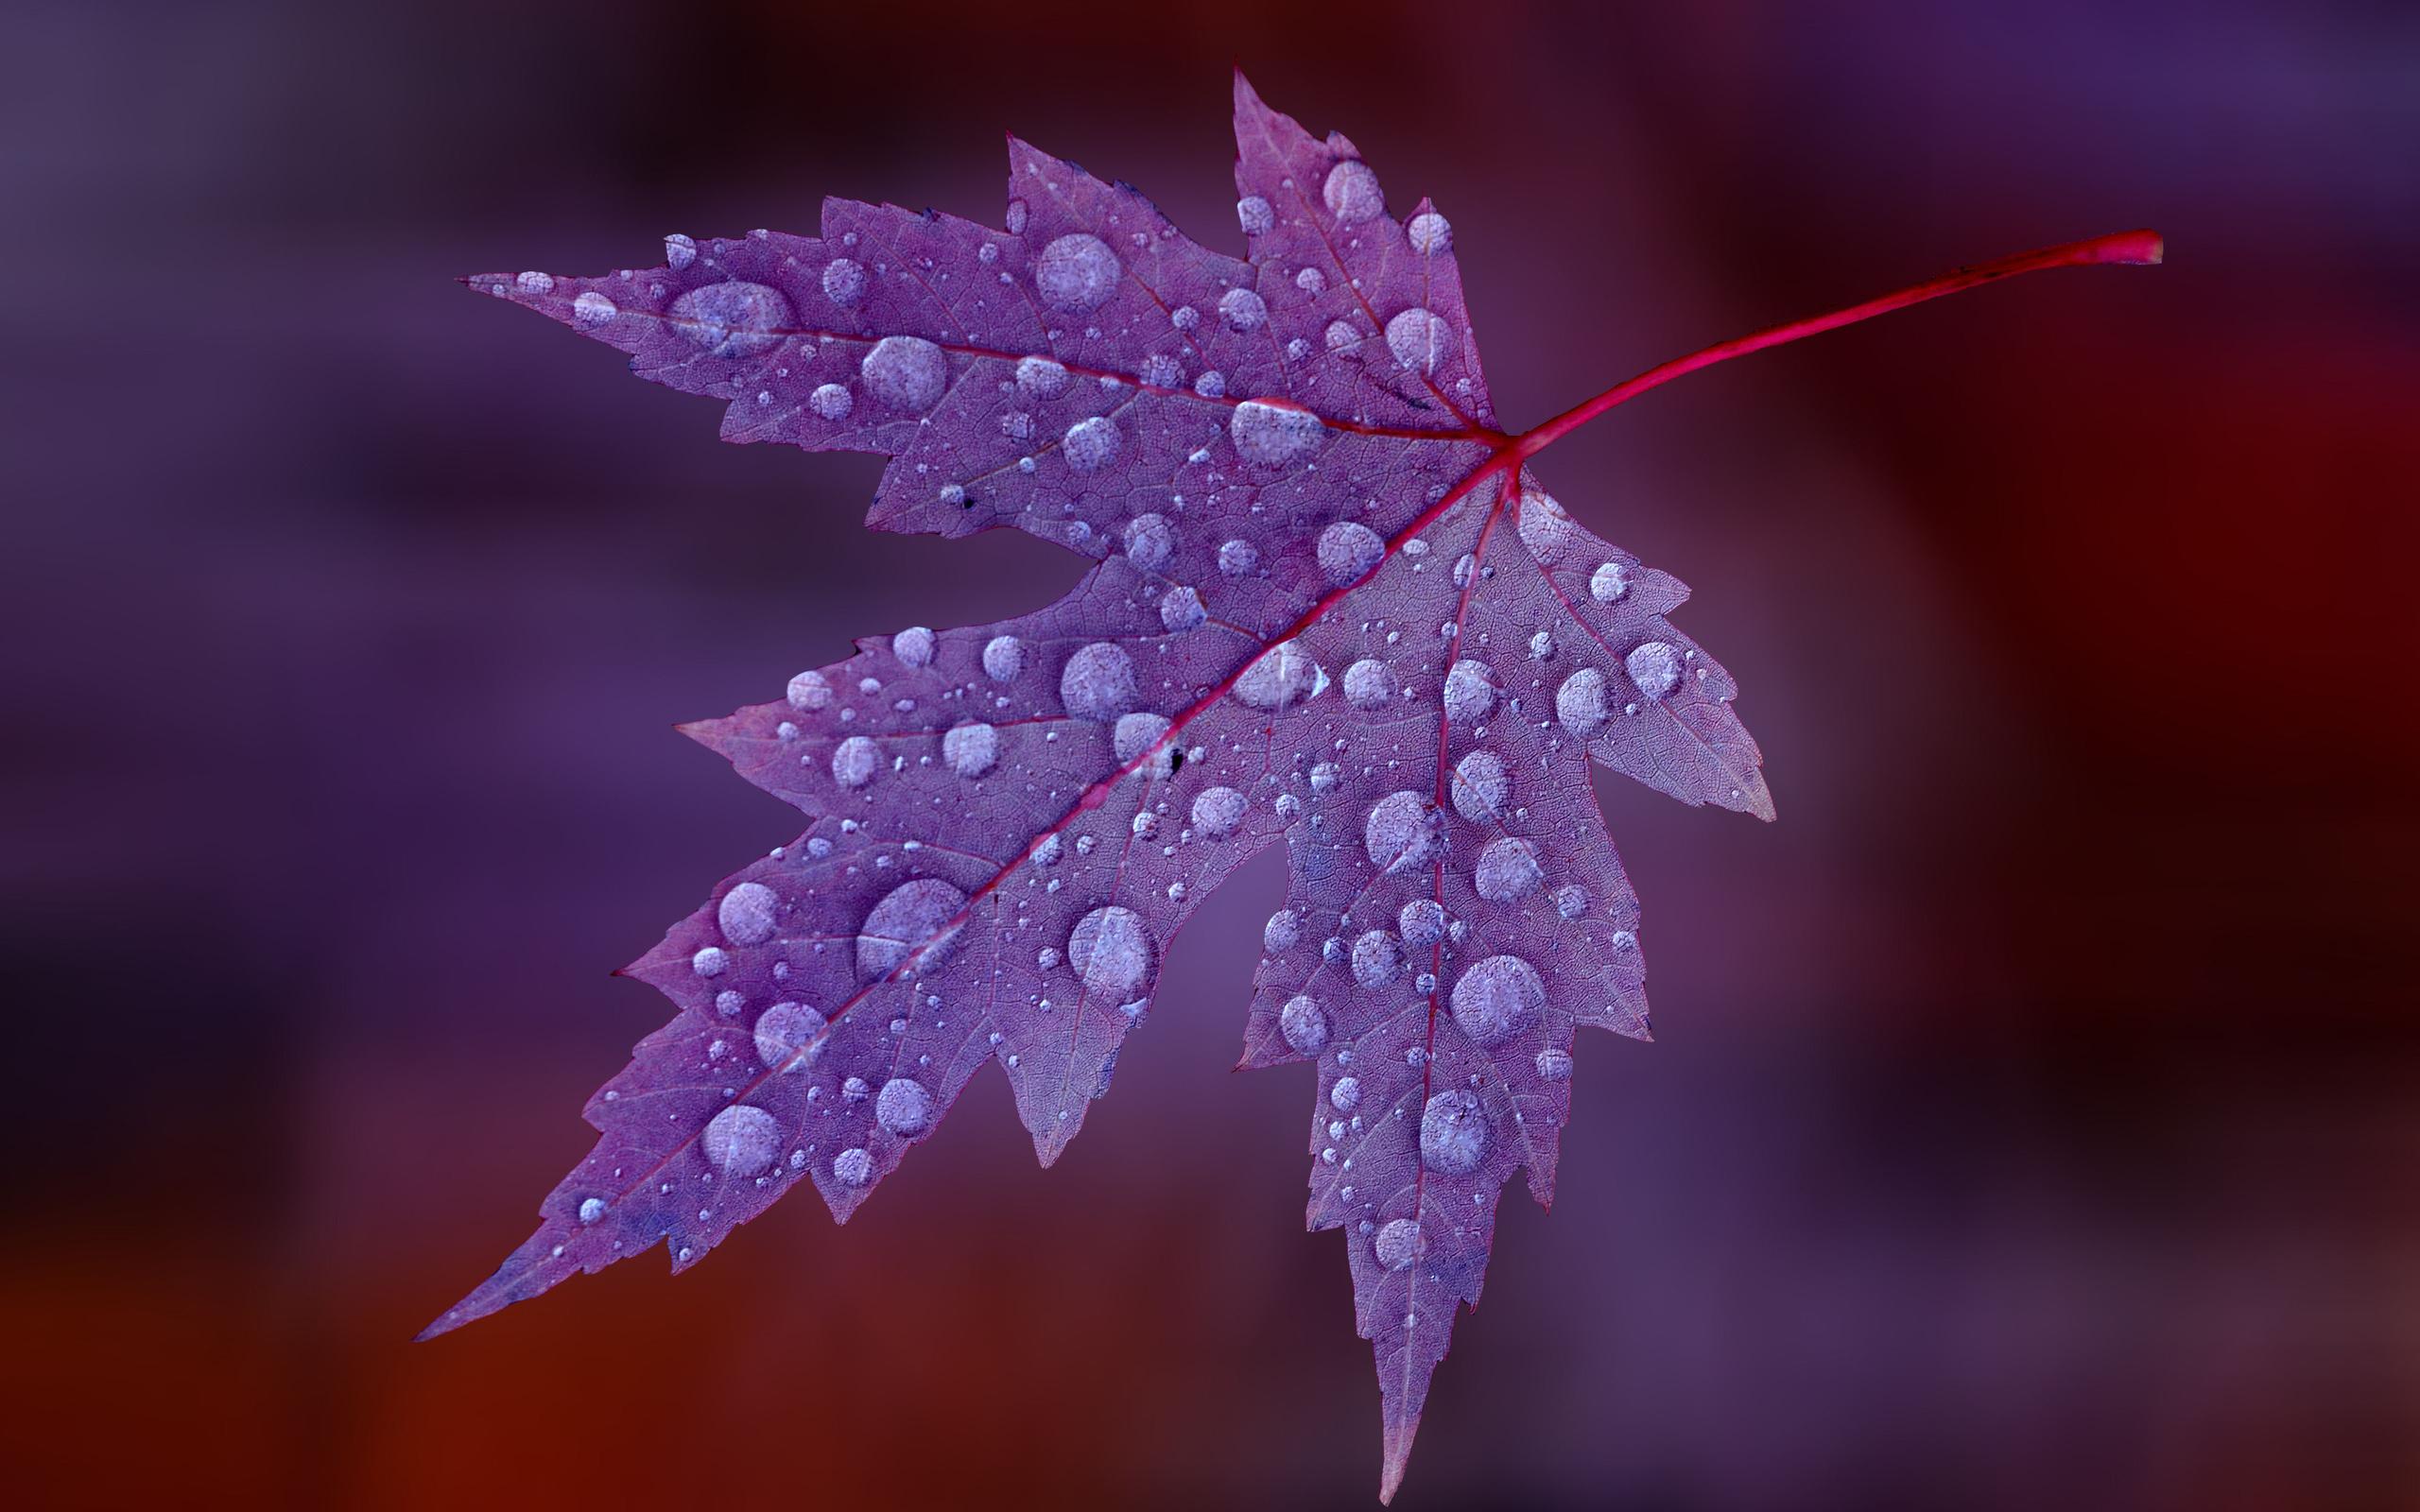 листья капли скачать